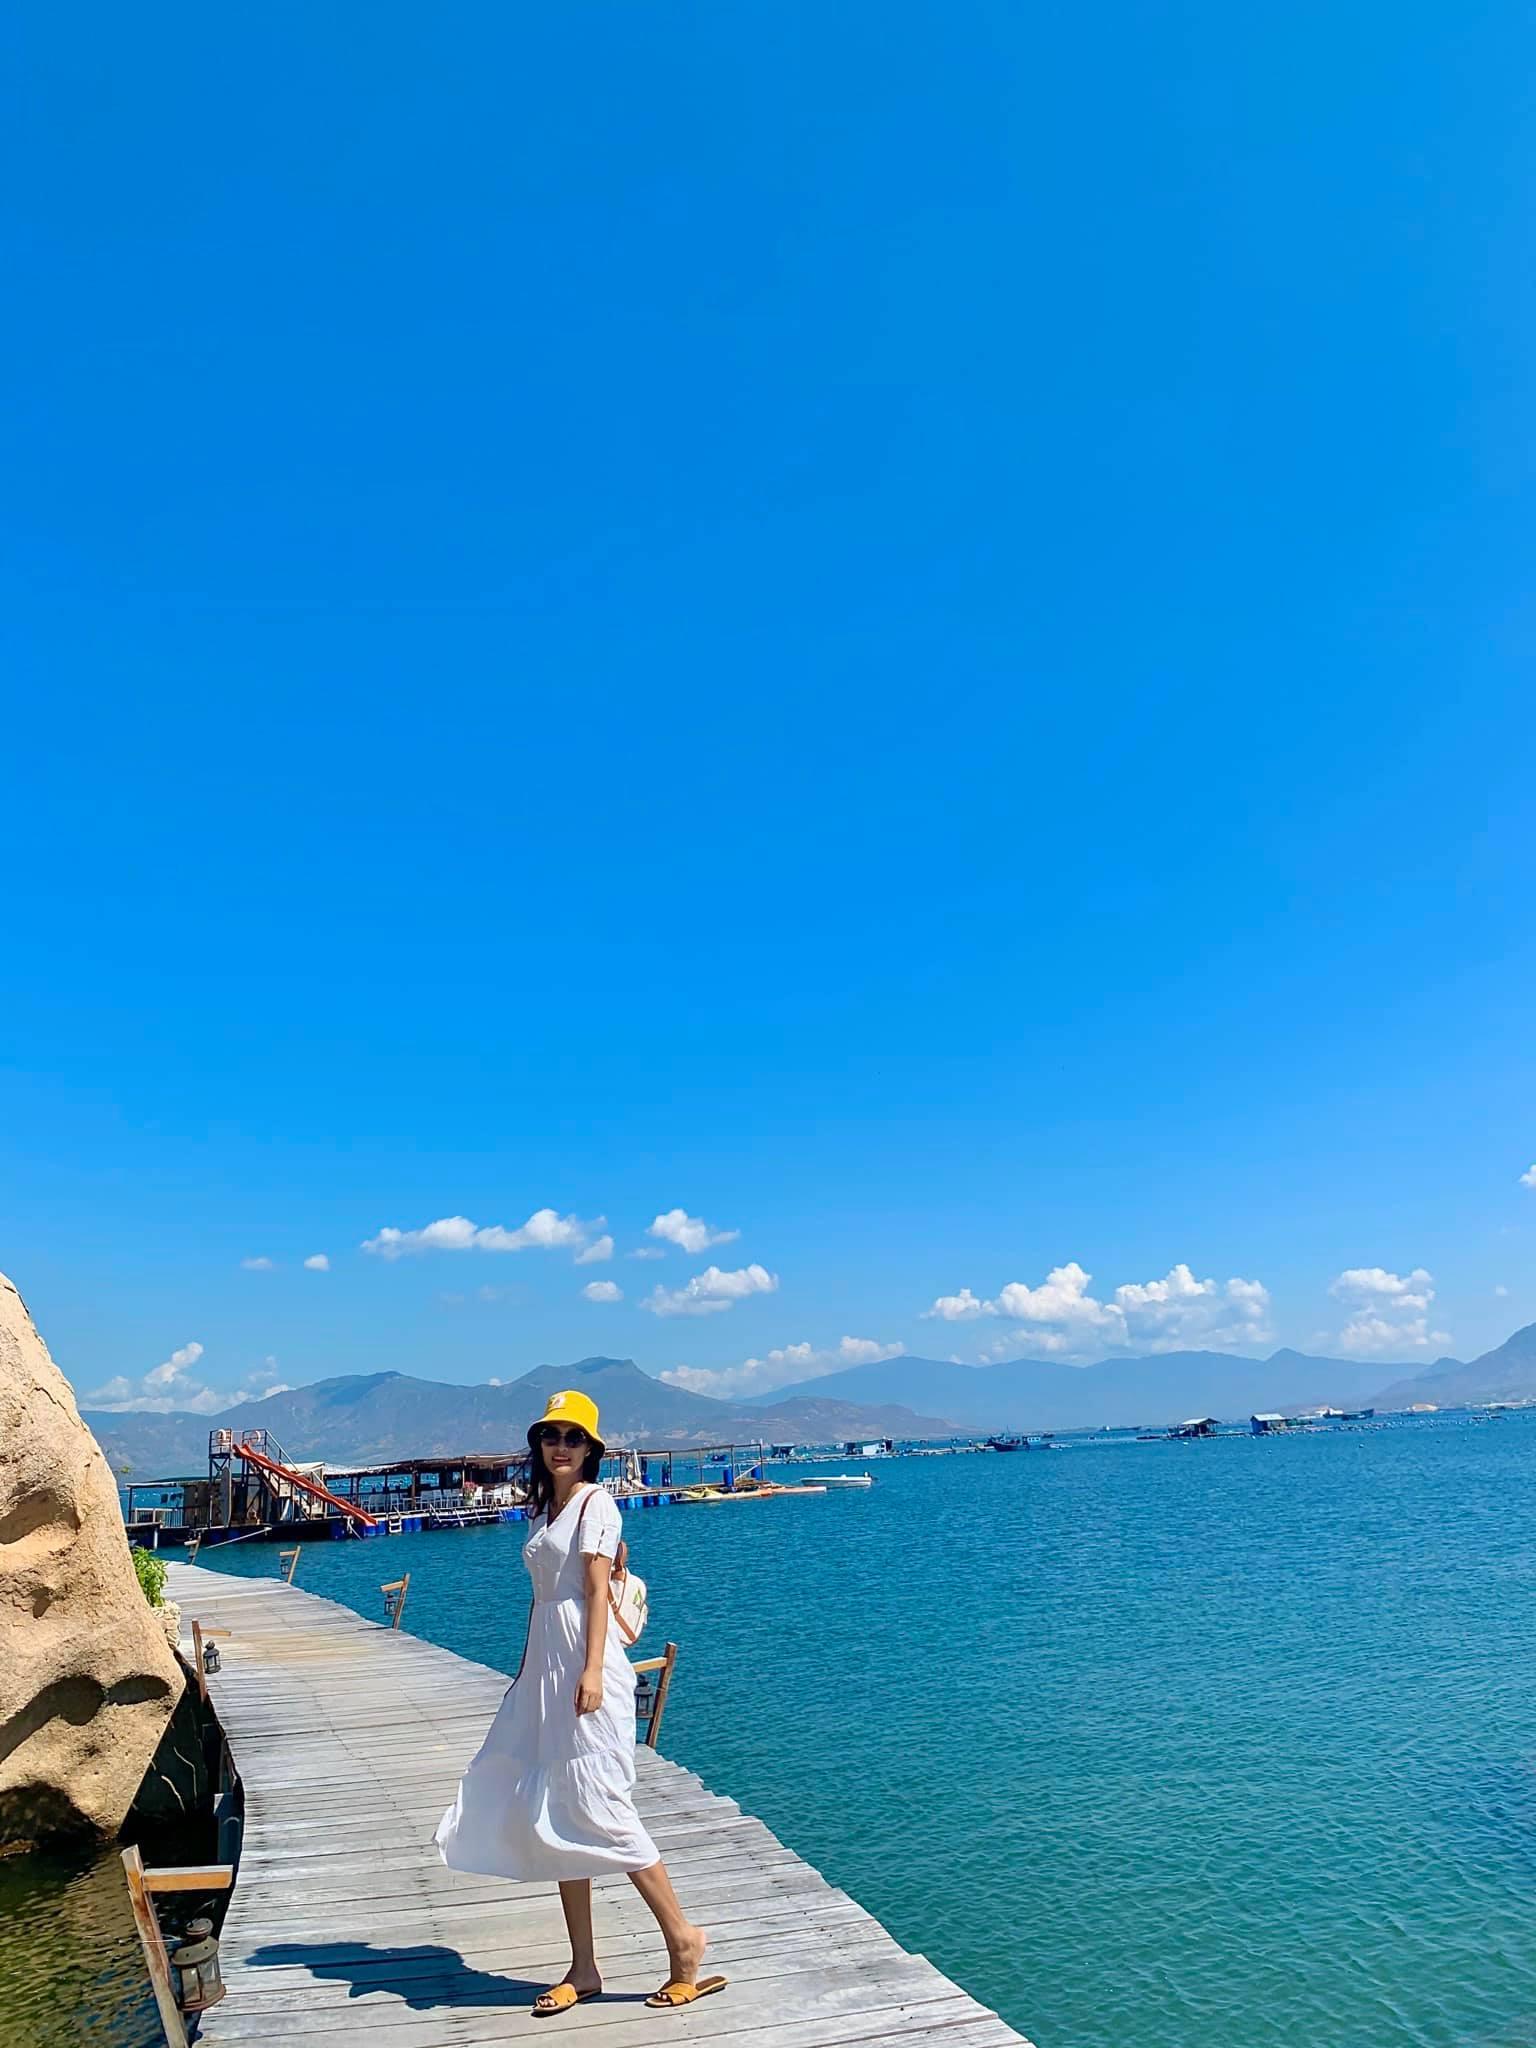 Tour du lịch Nha Trang 1 ngày: Khám phá thiên đường biển đảo với chi phí cực hấp dẫn - Ảnh 8.